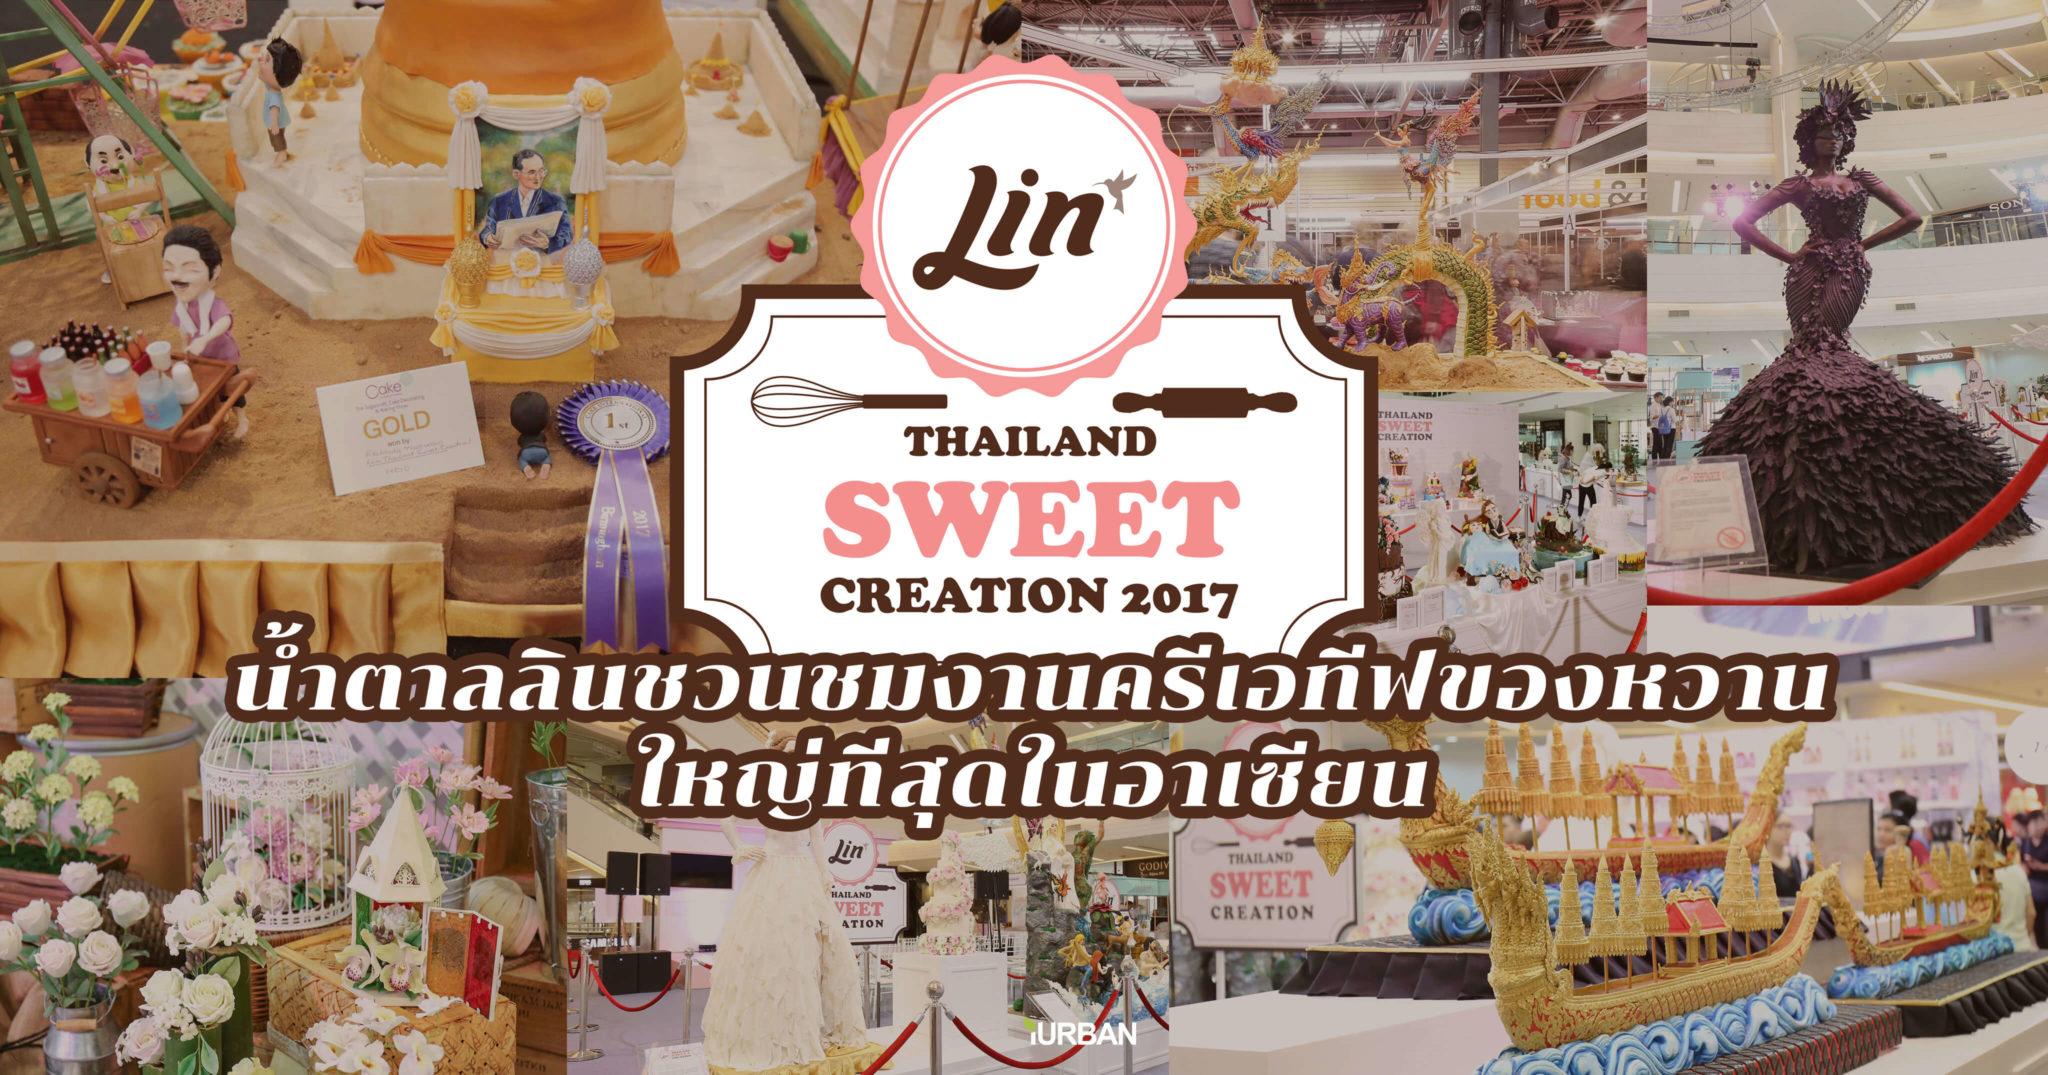 น่าชม Lin Thailand Sweet Creation 2017 เค้กแชมป์โลกฝีมือคนไทย และงานครีเอทีฟของหวานใหญ่ที่สุดในอาเซียน 13 - art exhibition